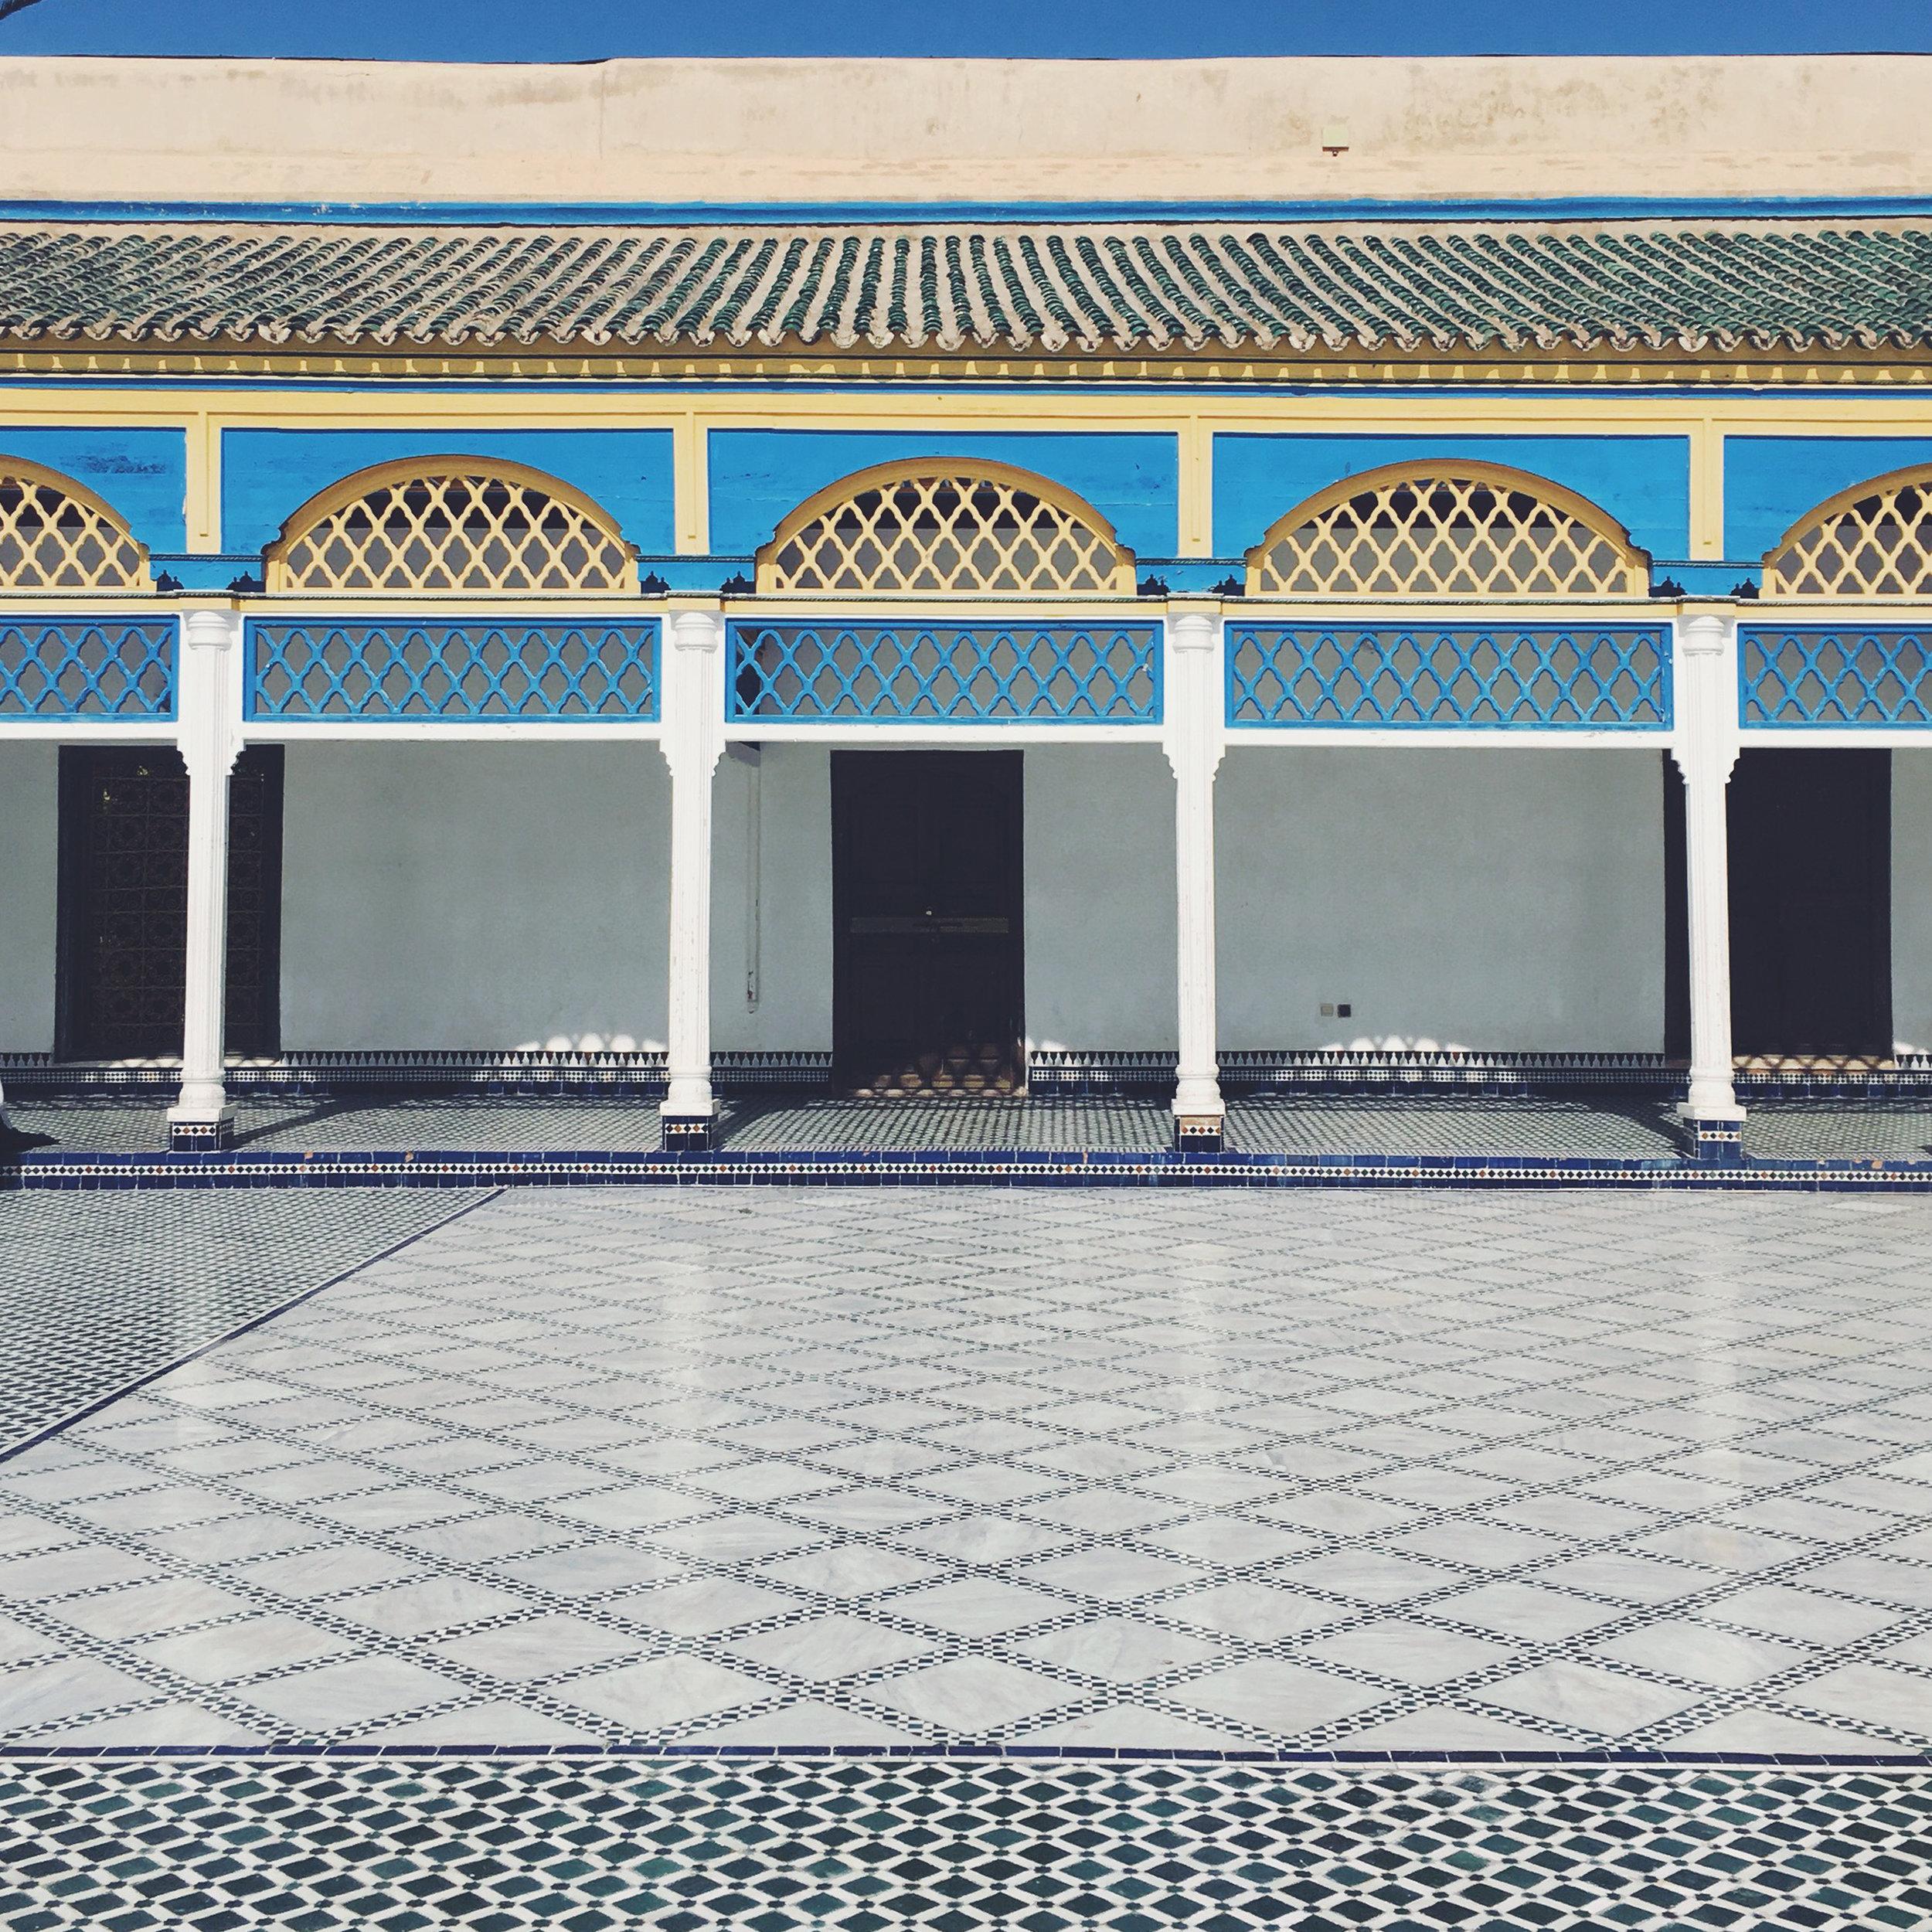 Palais de la Bahia  - Avenue Imam El Ghazali  Beau palais représentatif de l'artisanat marocain, couvert de mosaïques colorées. Un lieu étonnamment rafraîchissant : malgré les touristes nombreux, le calme y règne. Une belle visite à ne pas manquer.